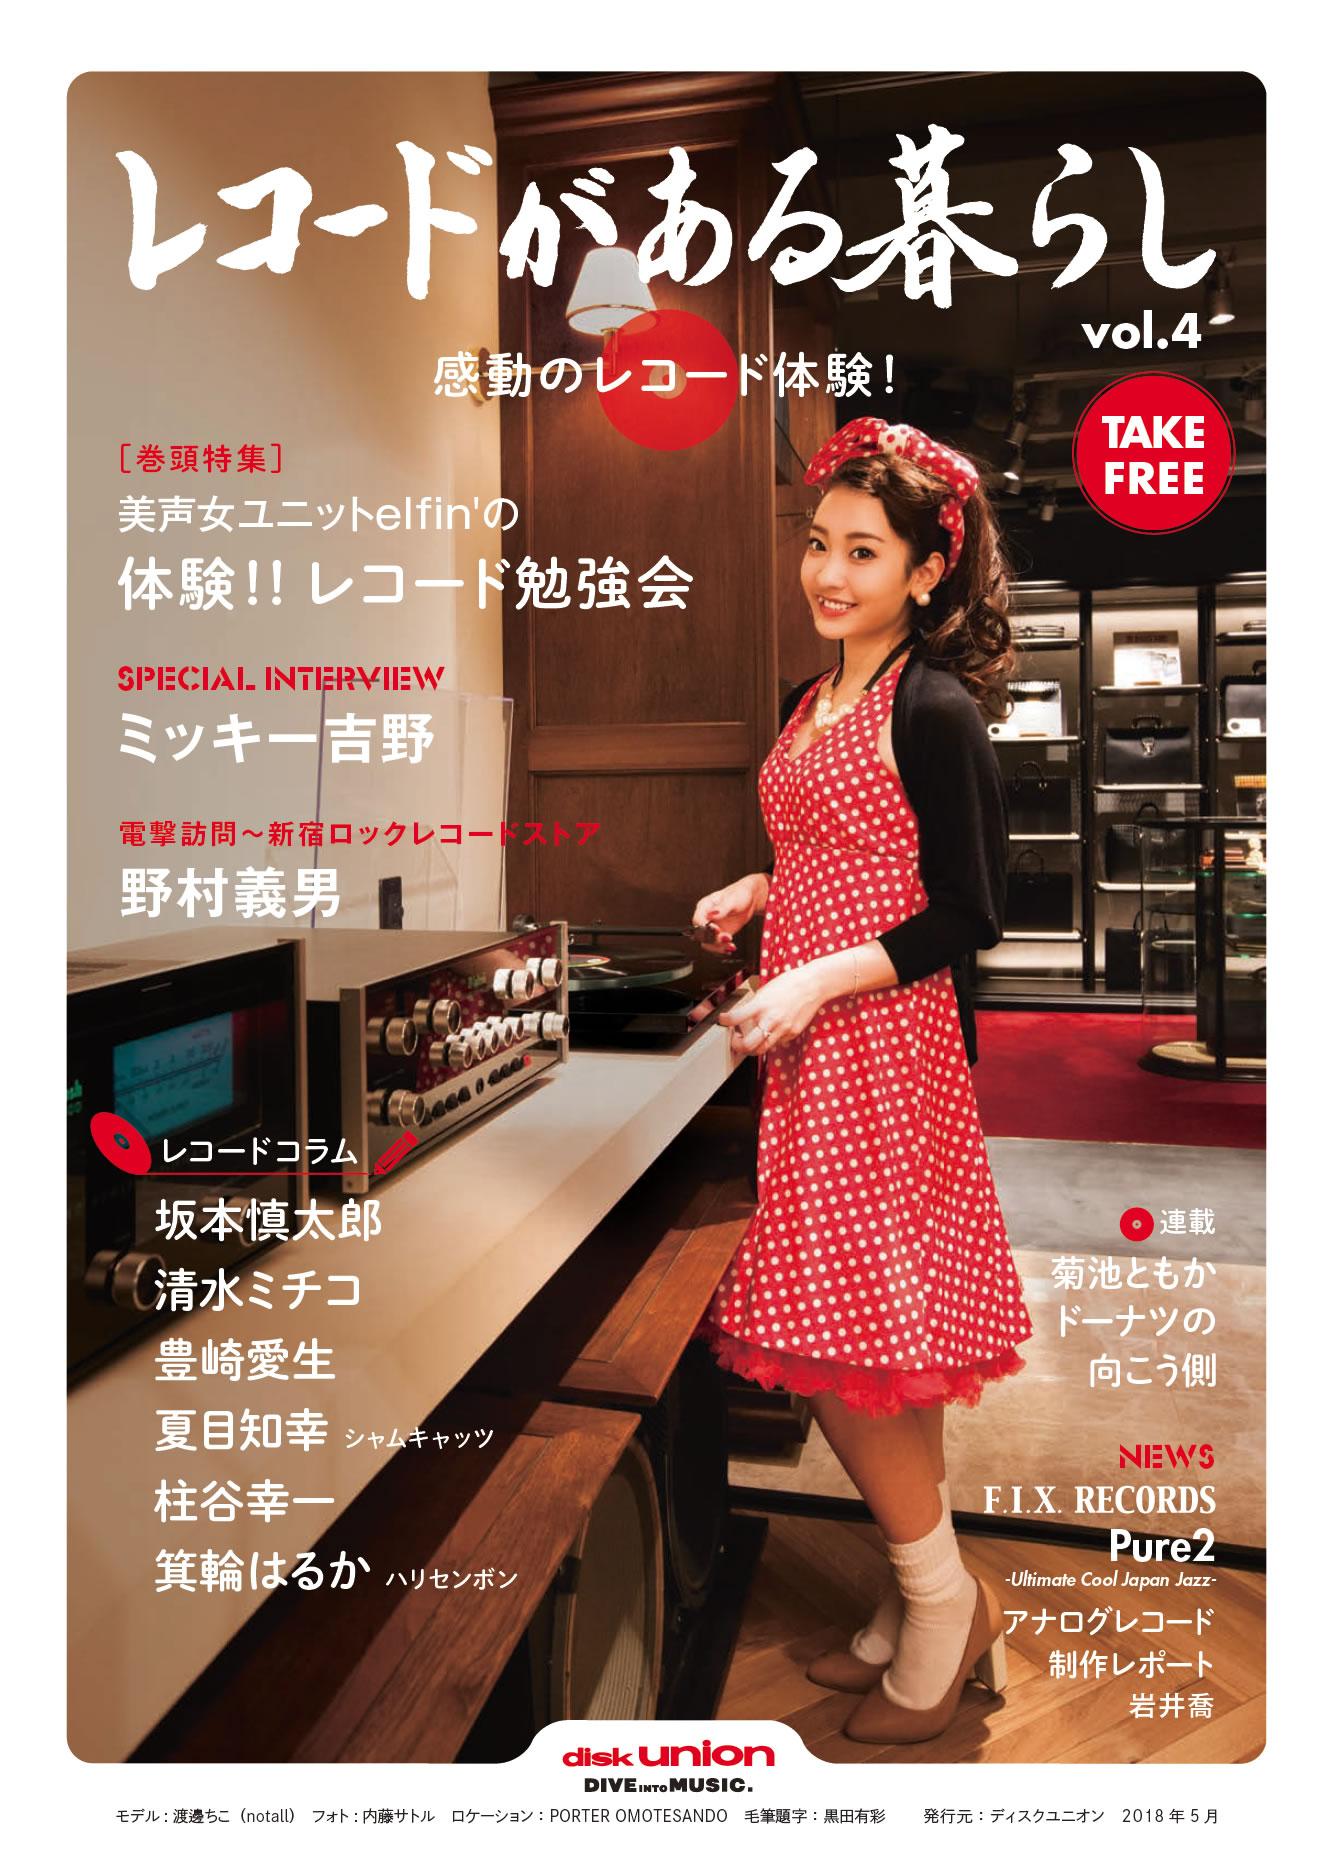 ディスクユニオン・フリーペーパー「レコードがある暮らし」vol.4